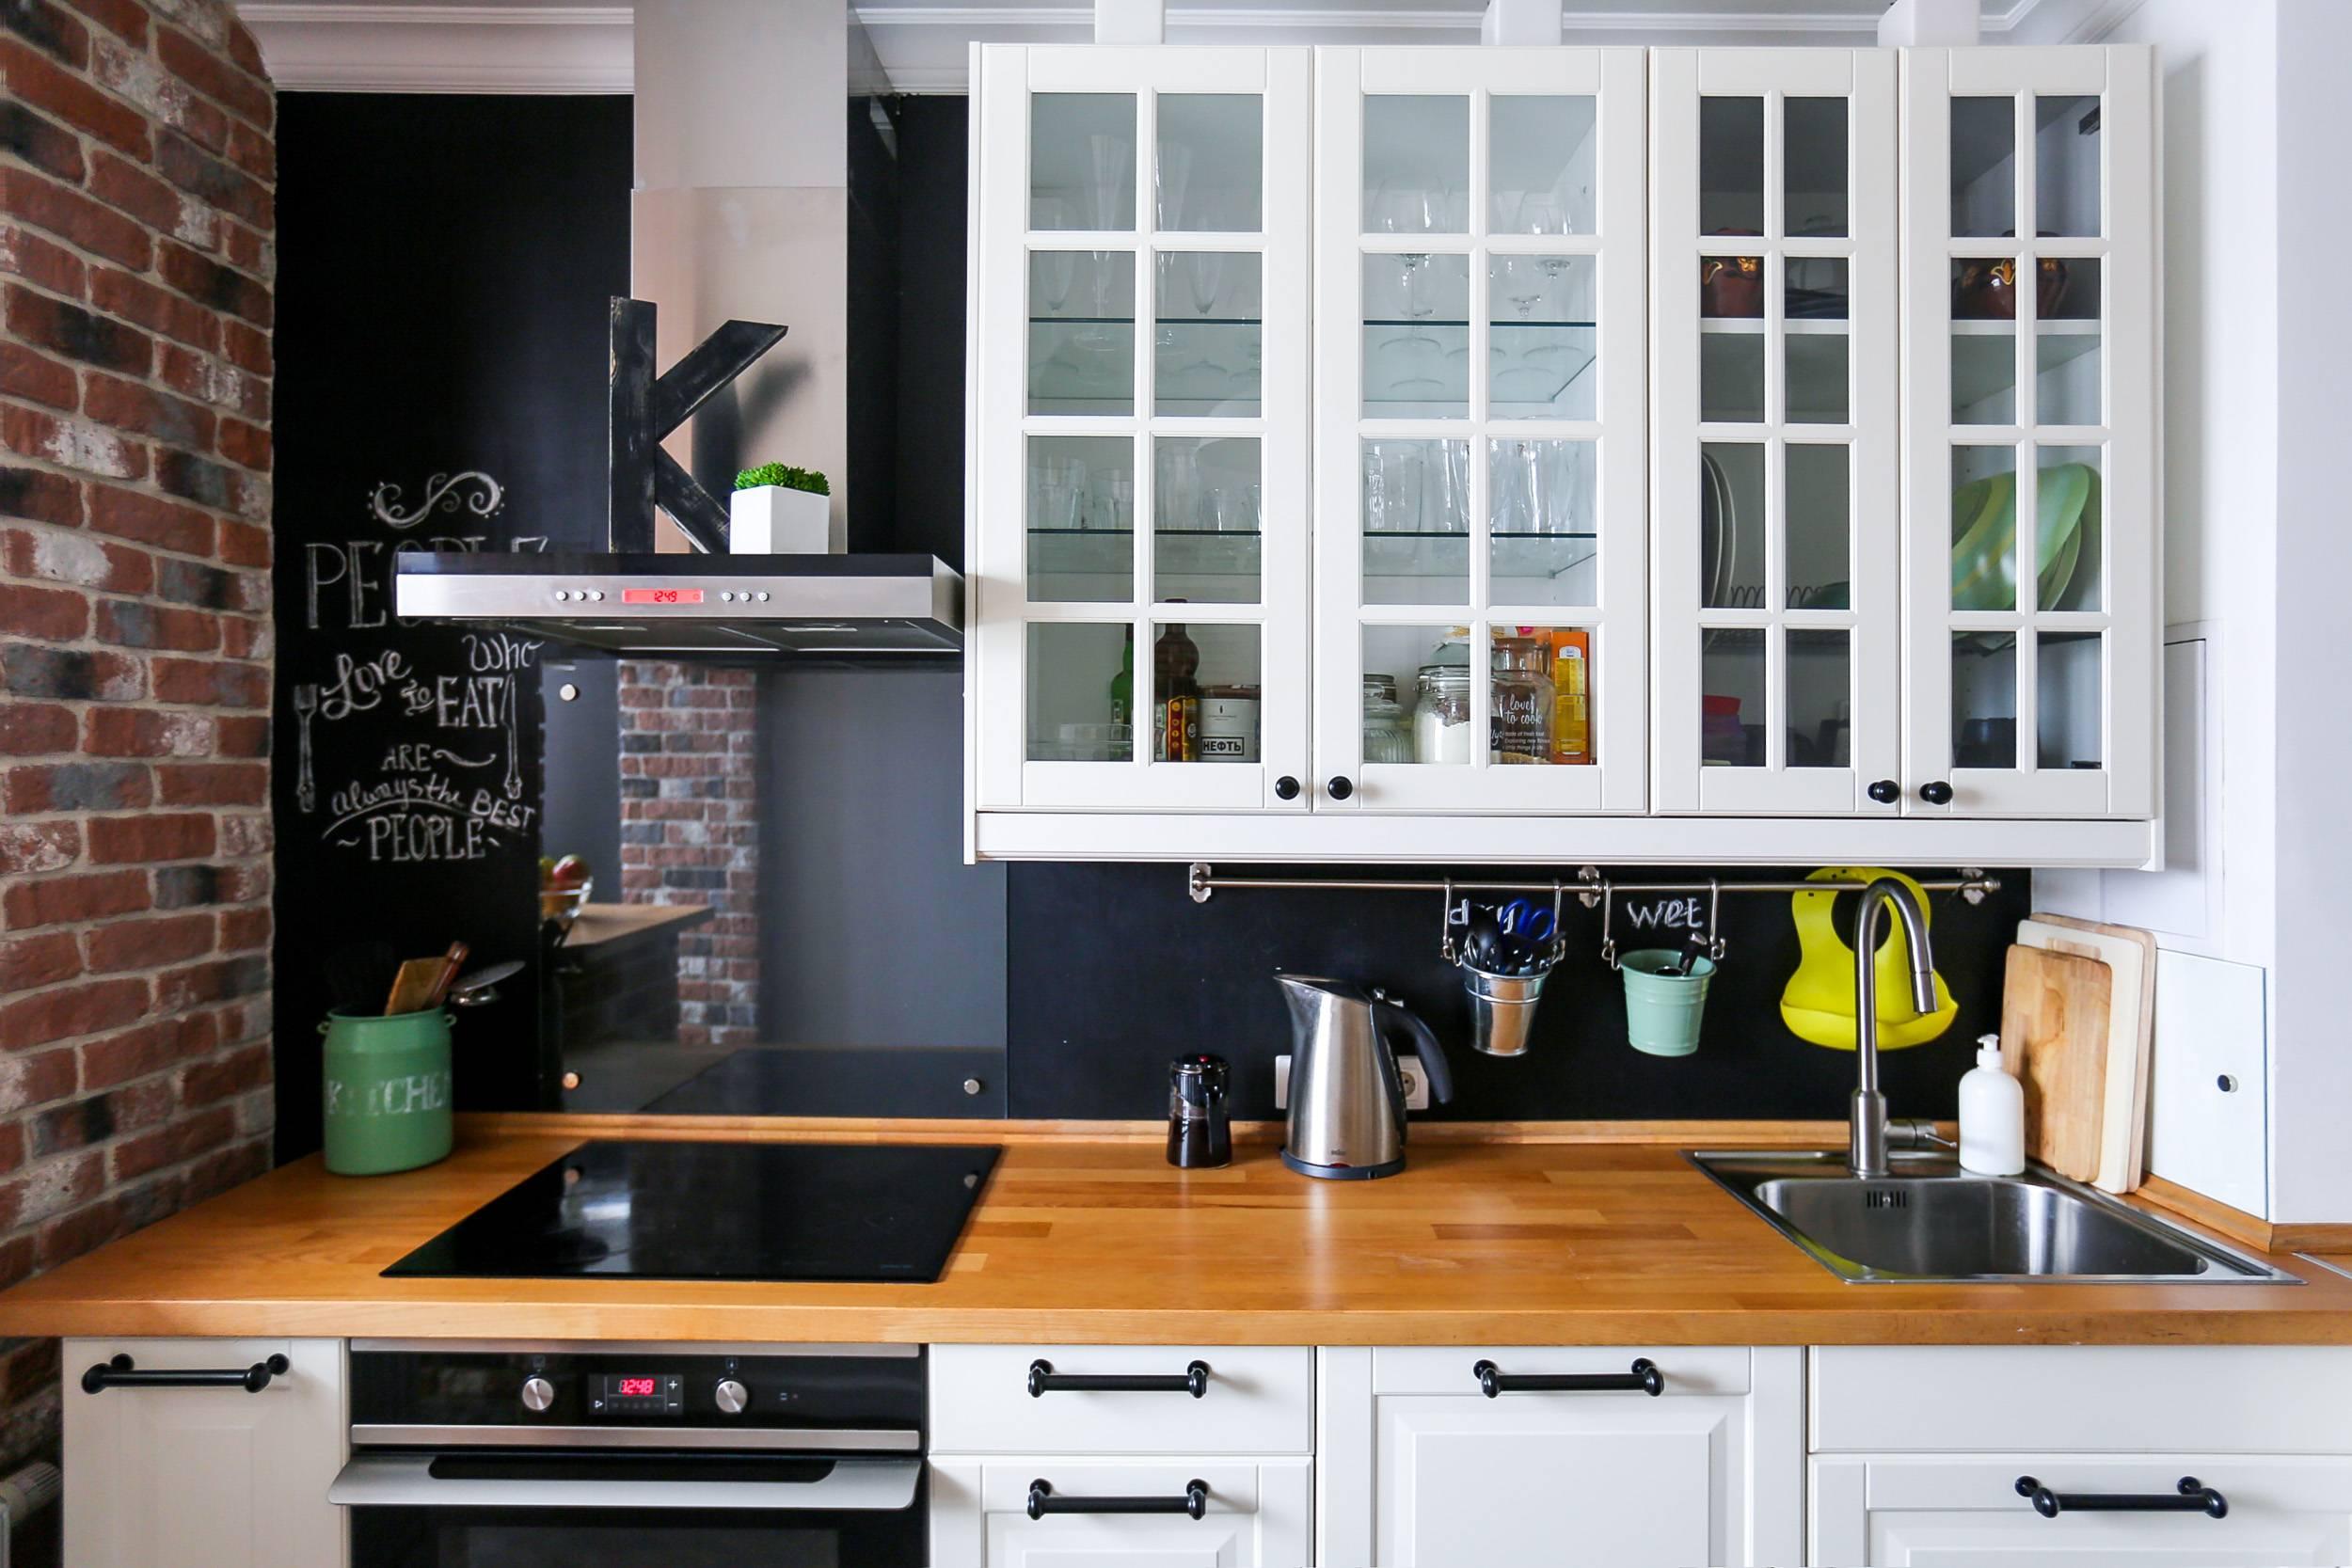 Не начинайте ремонт кухни, пока не прочтете это: 10 самых распространенных ошибок, которые совершает практически каждый